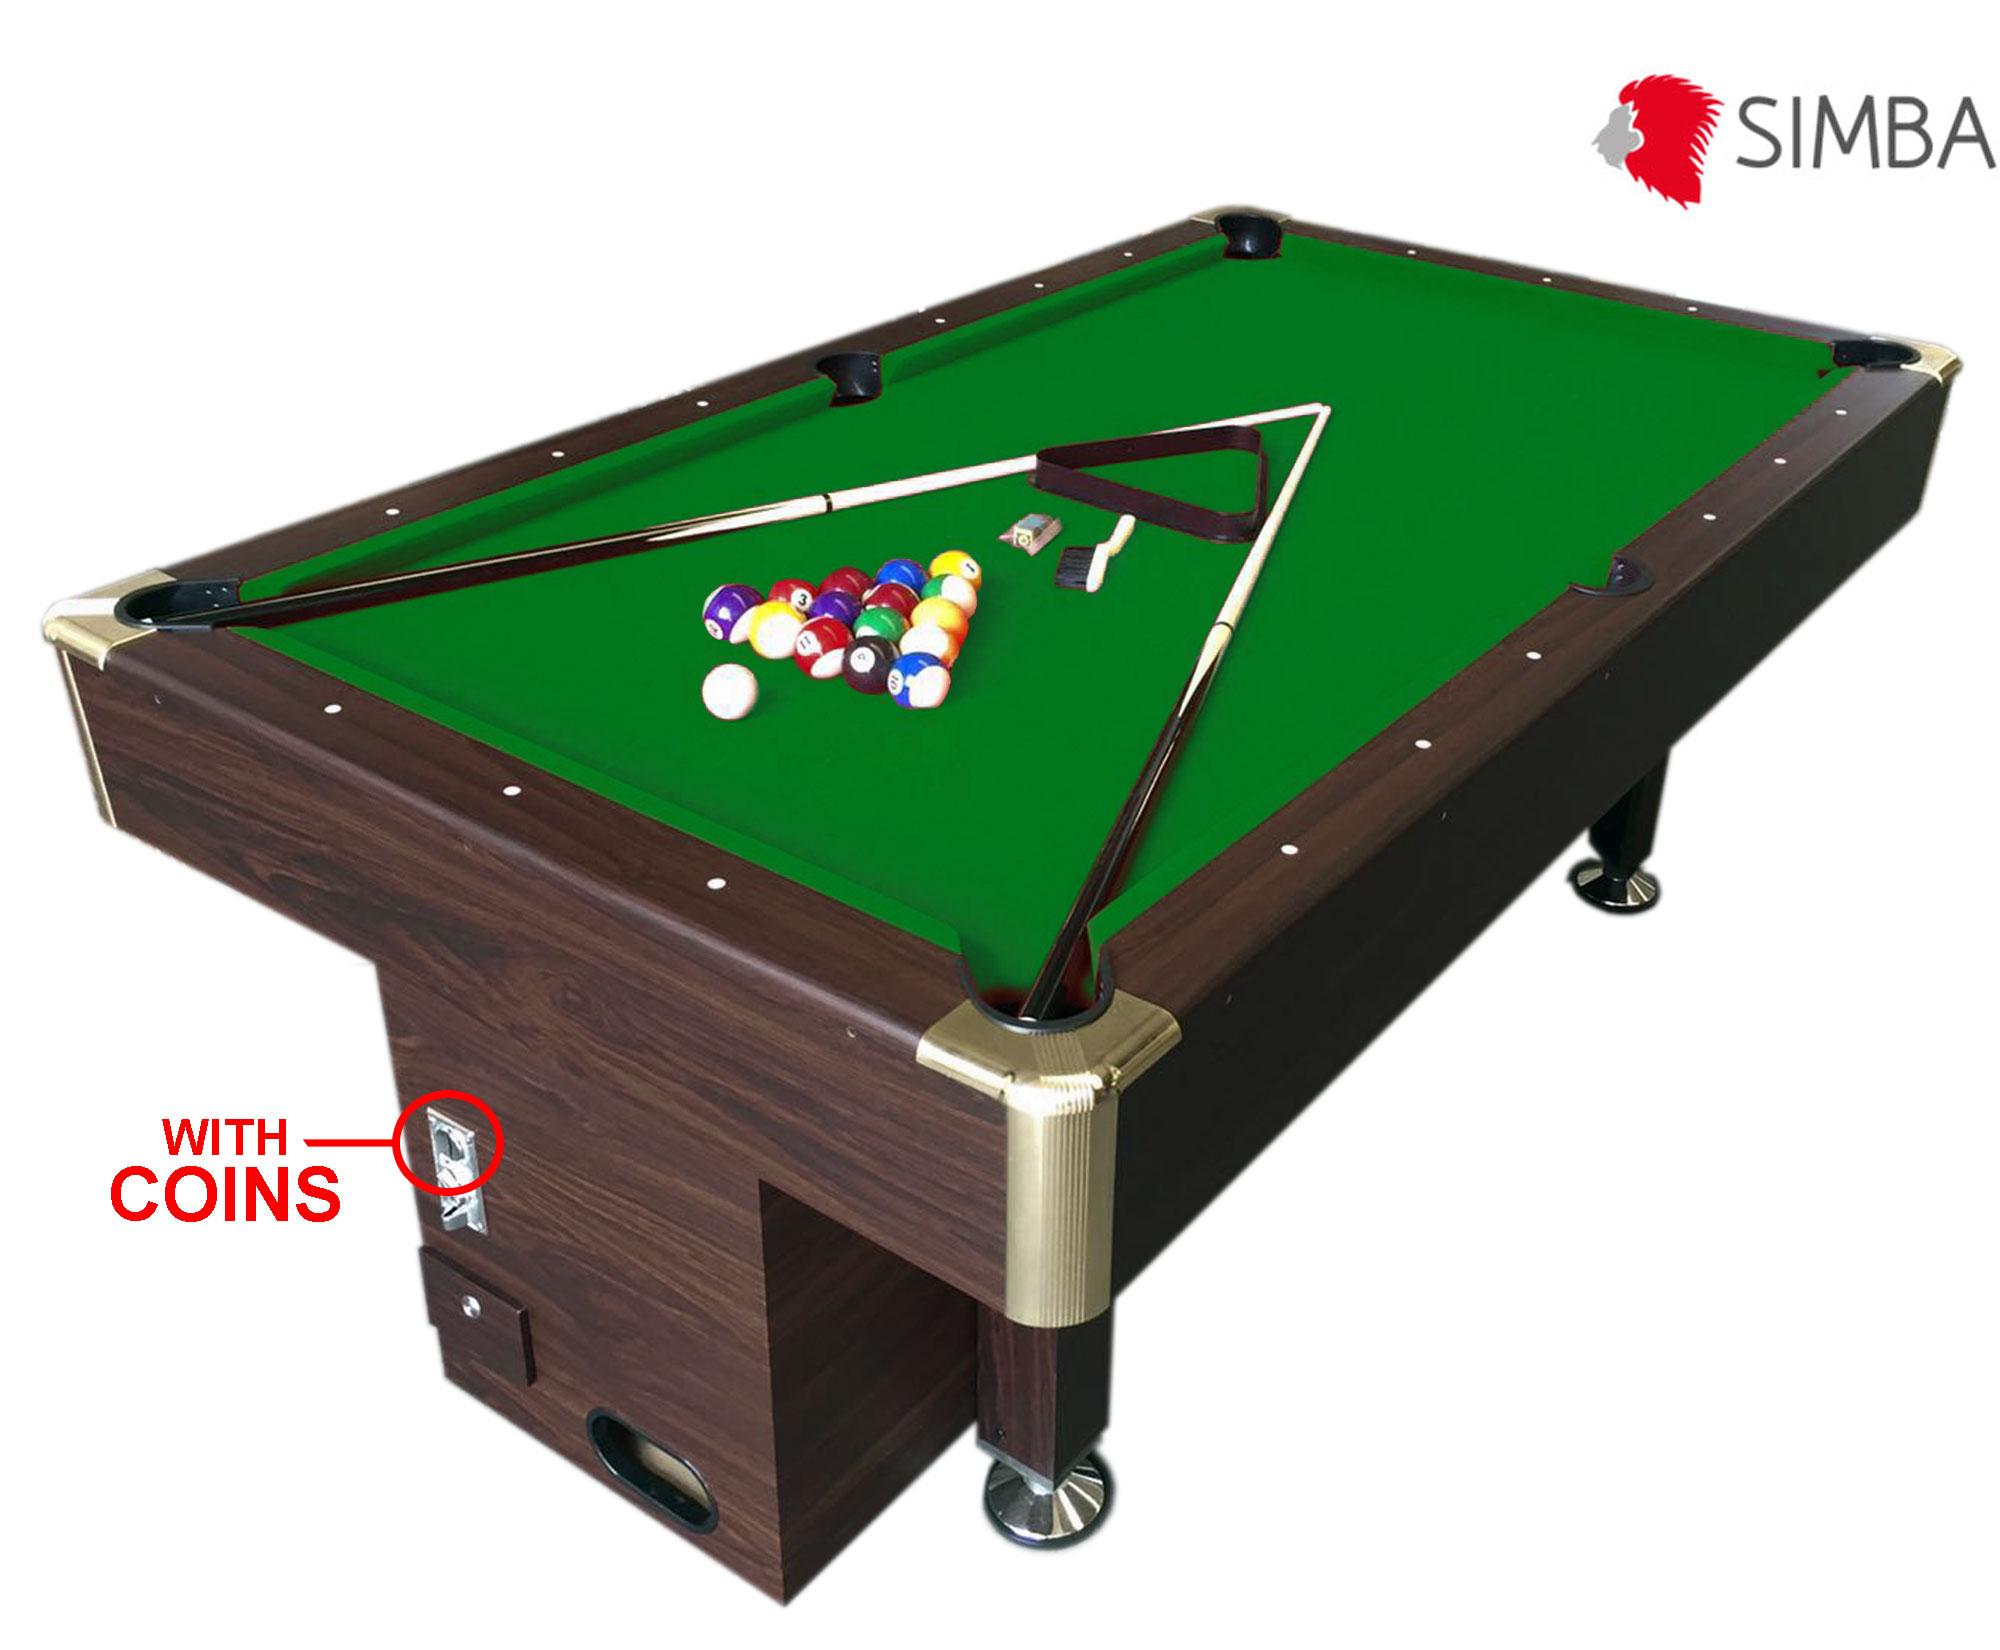 Mesa de billar juegos de billar carambola con monedero electr nico